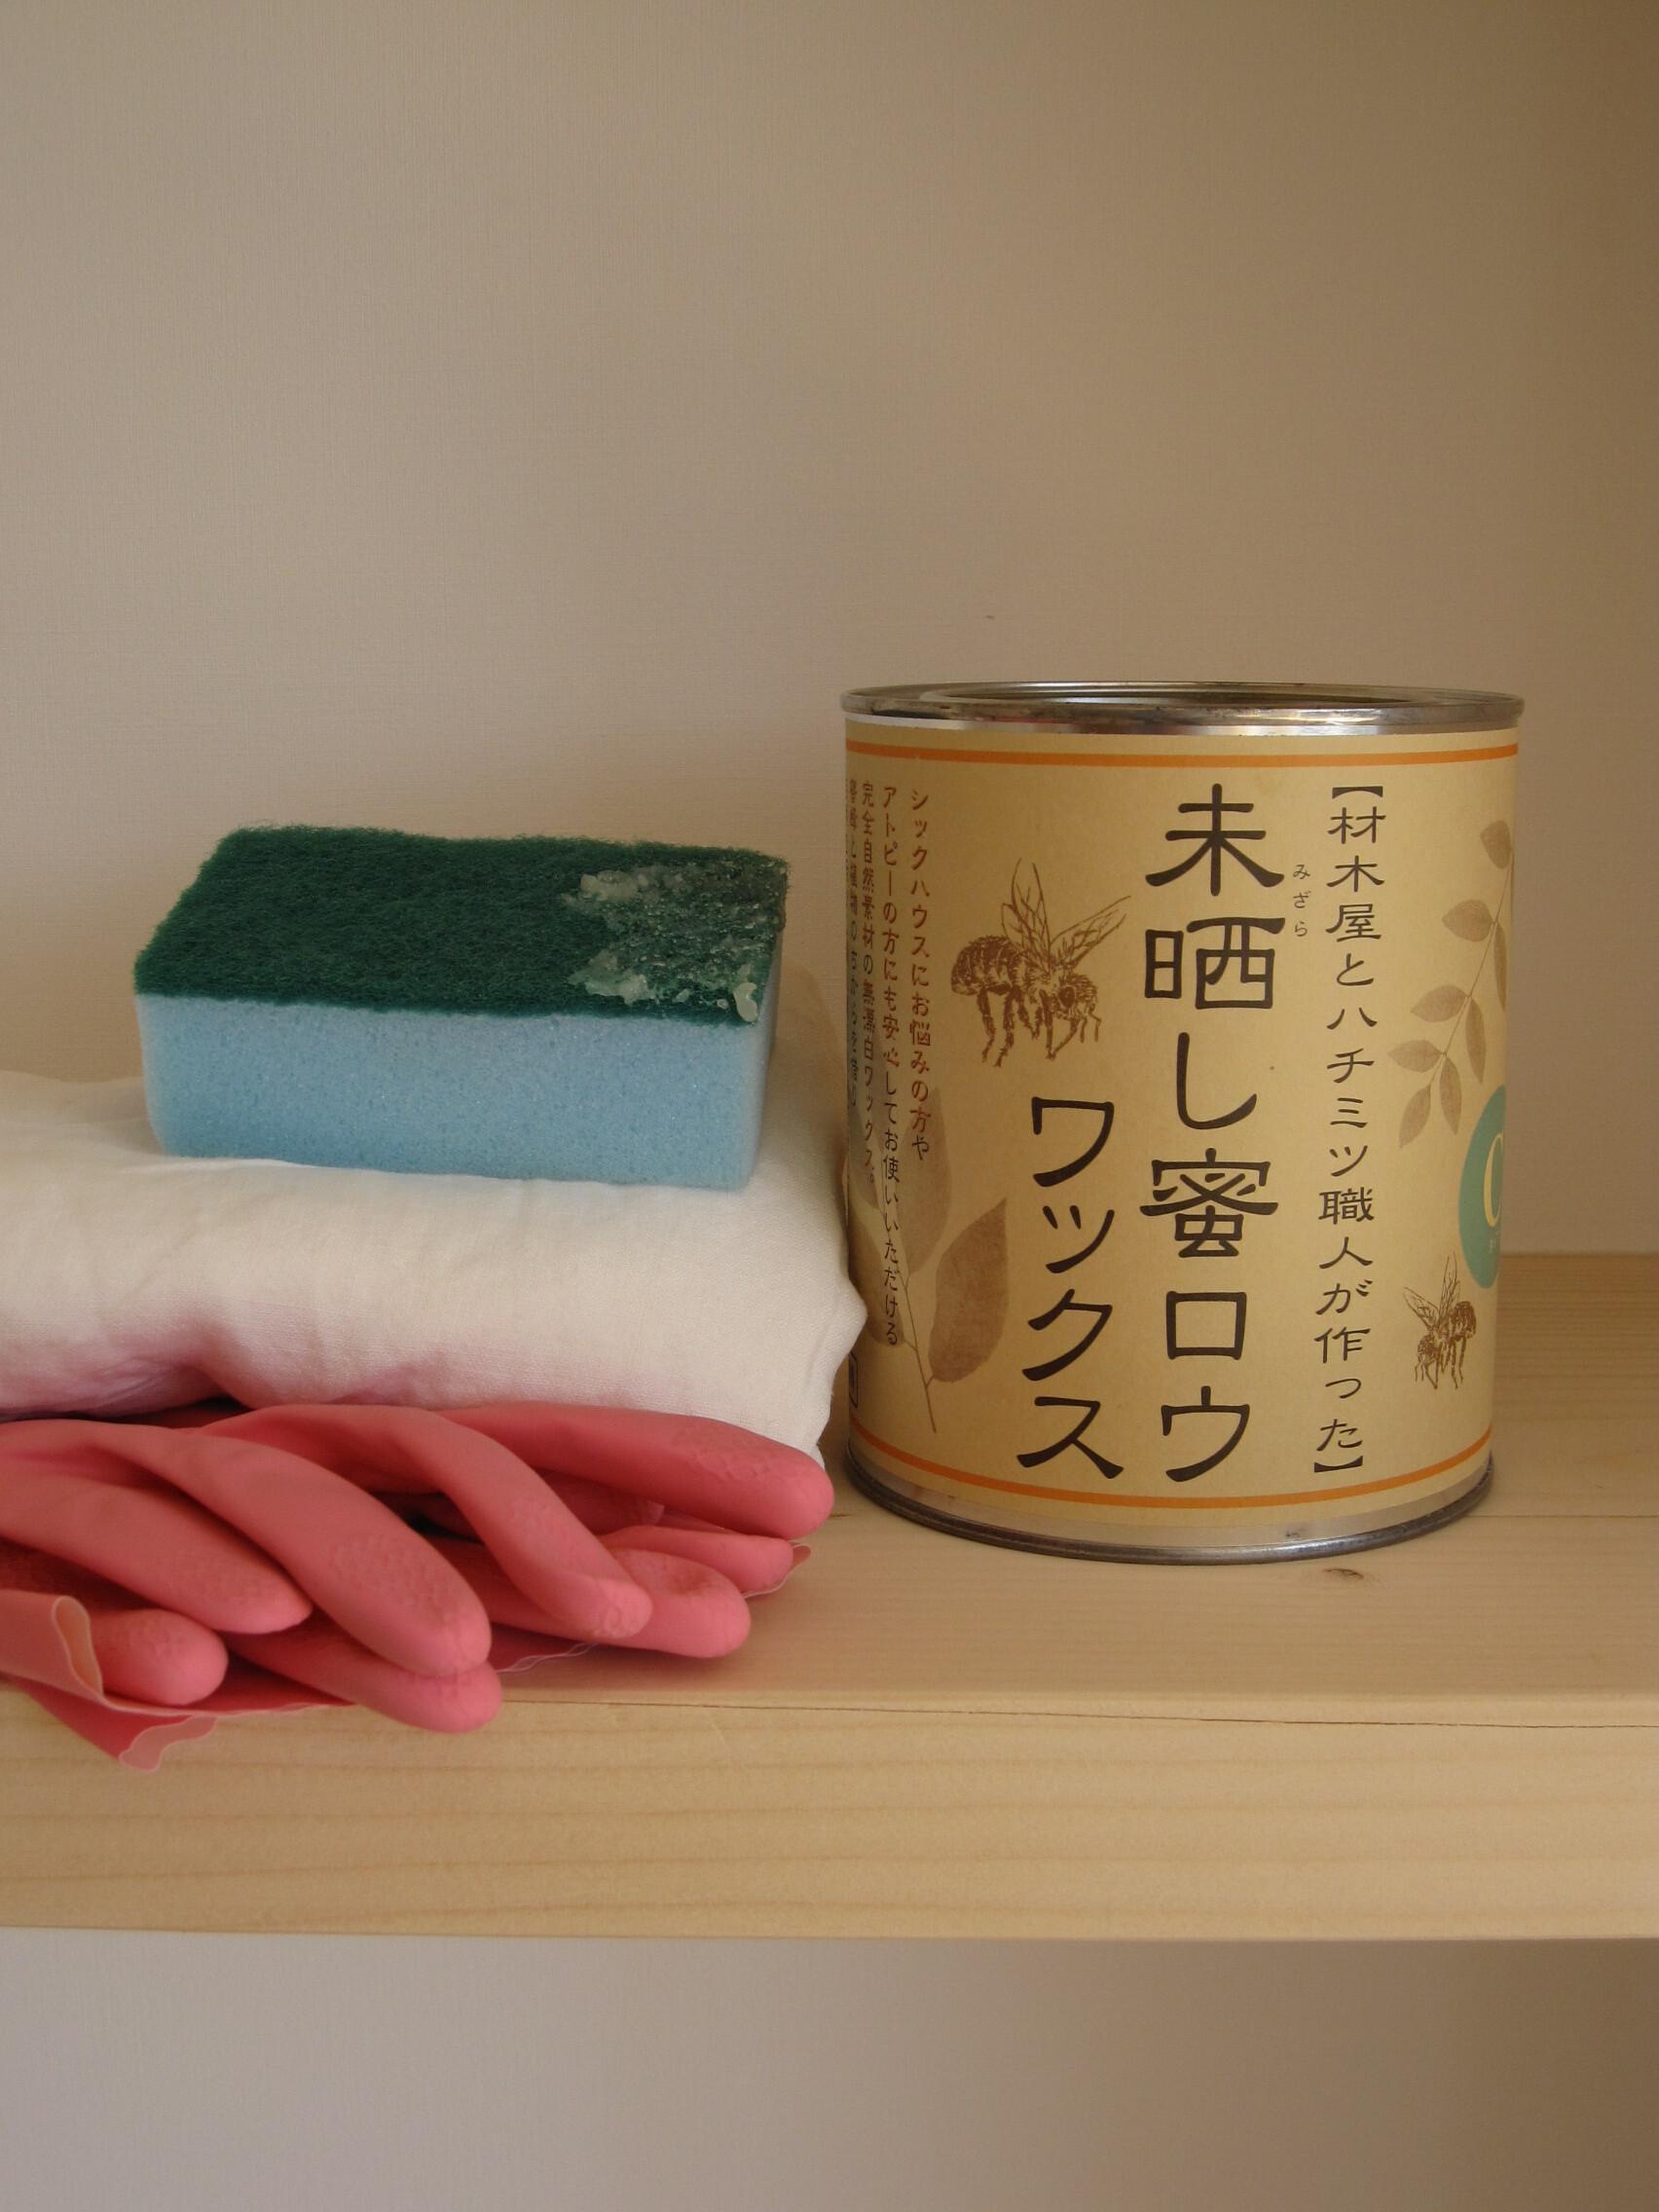 棚の塗装材料の「未晒し蜜ロウワックス」